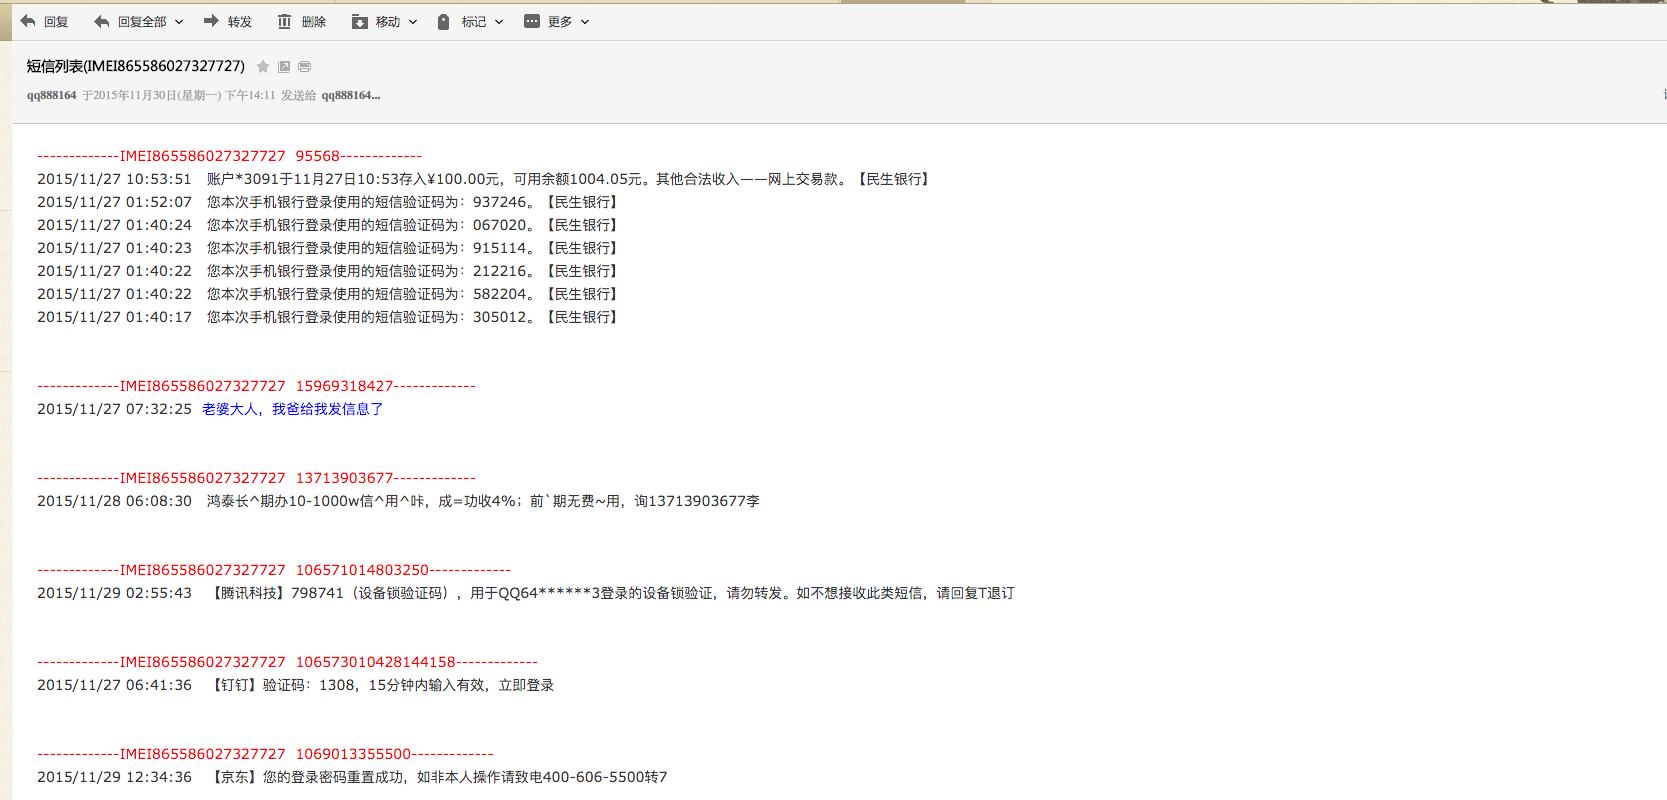 QQ20151130-4.png